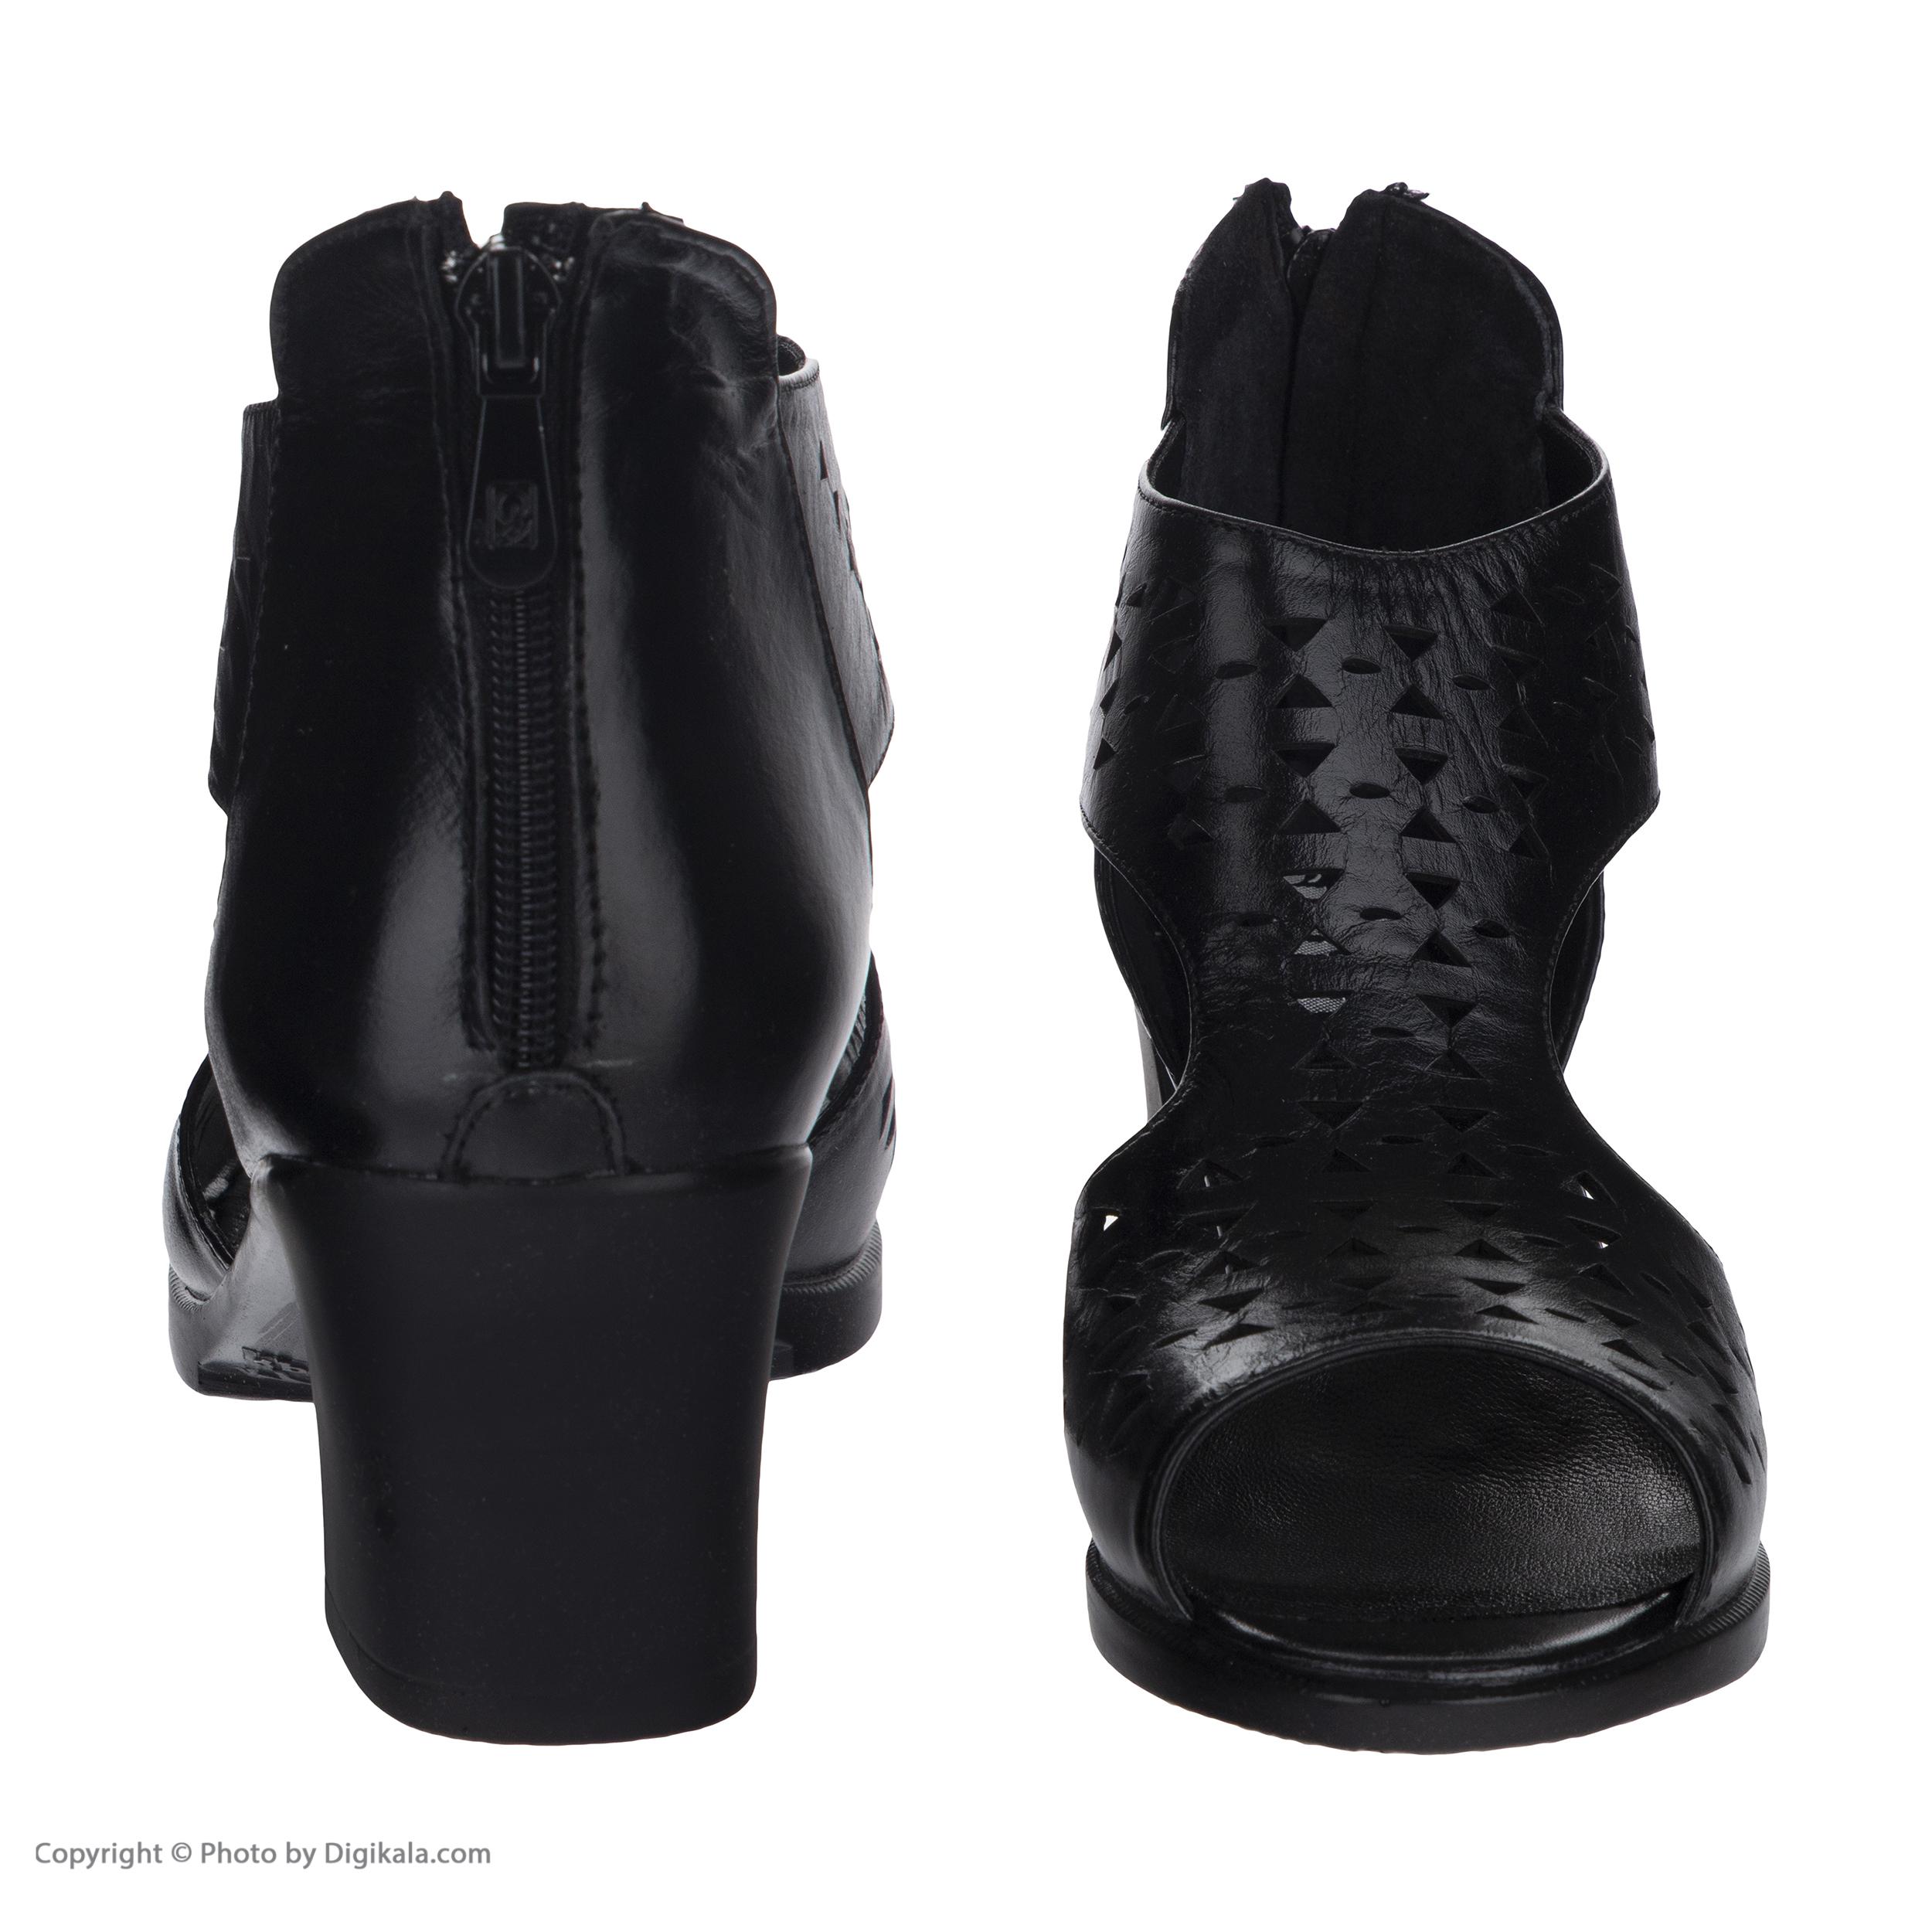 کفش زنانه شیفر مدل 5326a500101              (قیمت و عکس)